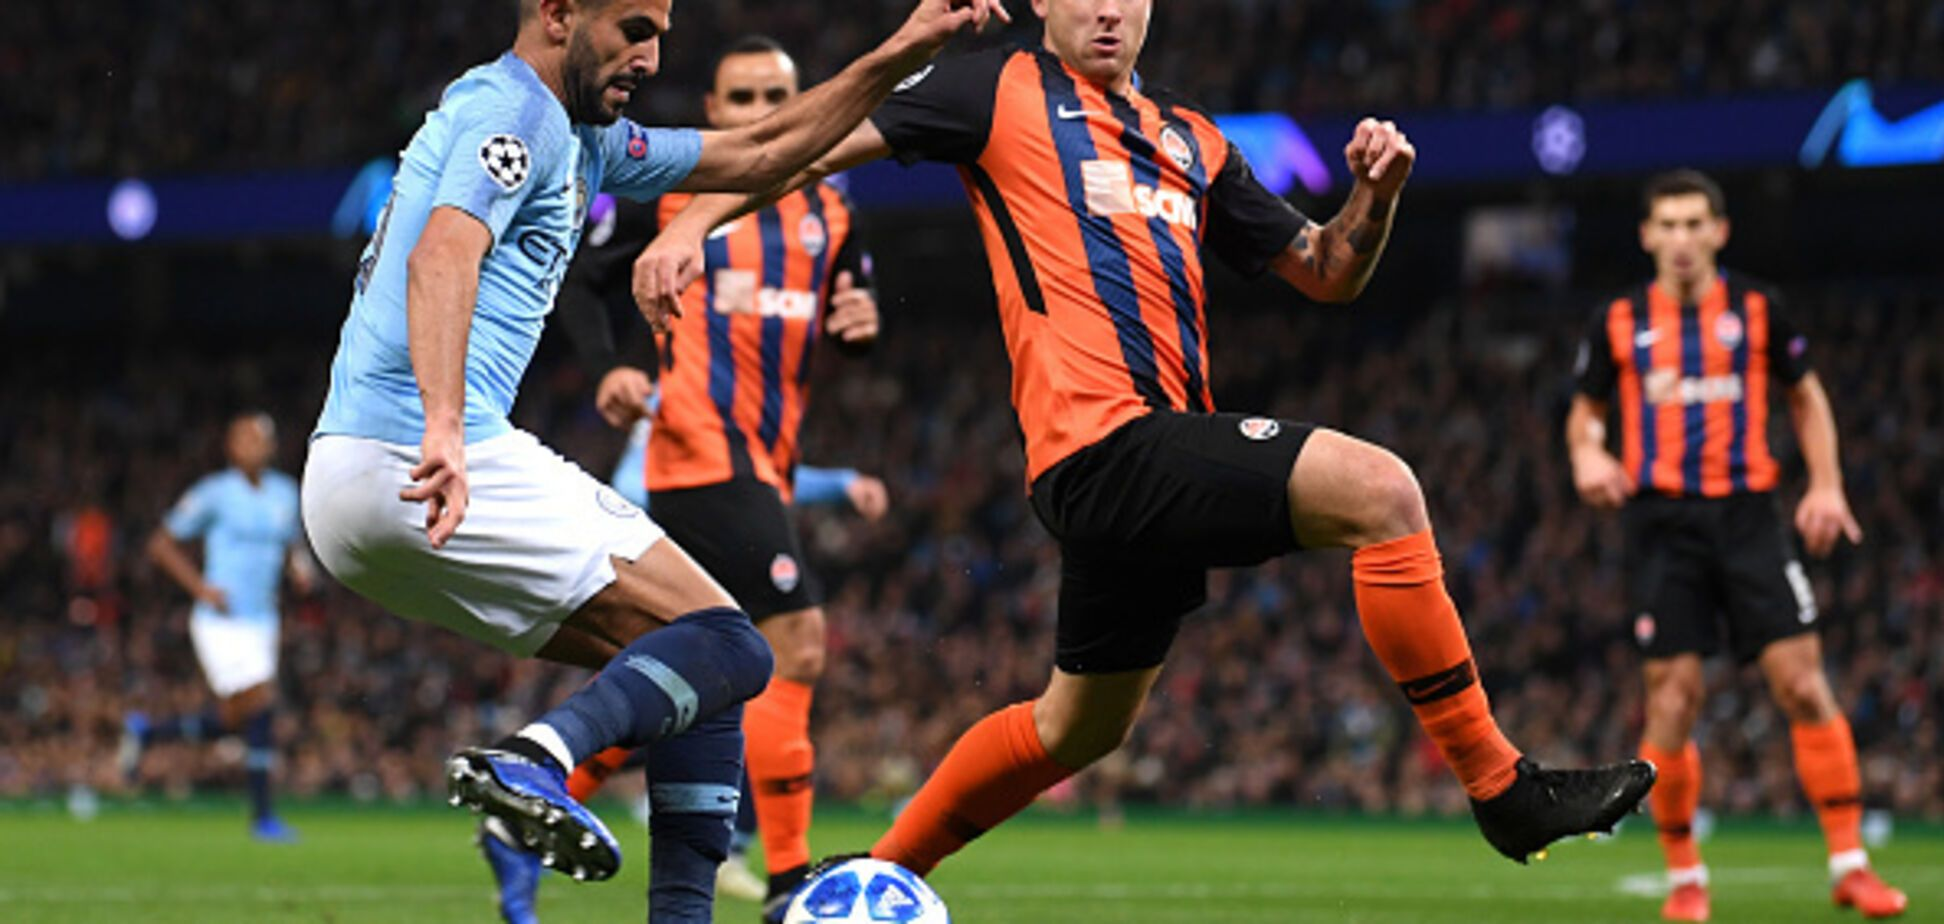 'Шахтер' пропустил шесть мячей от 'Манчестер Сити' в Лиге чемпионов